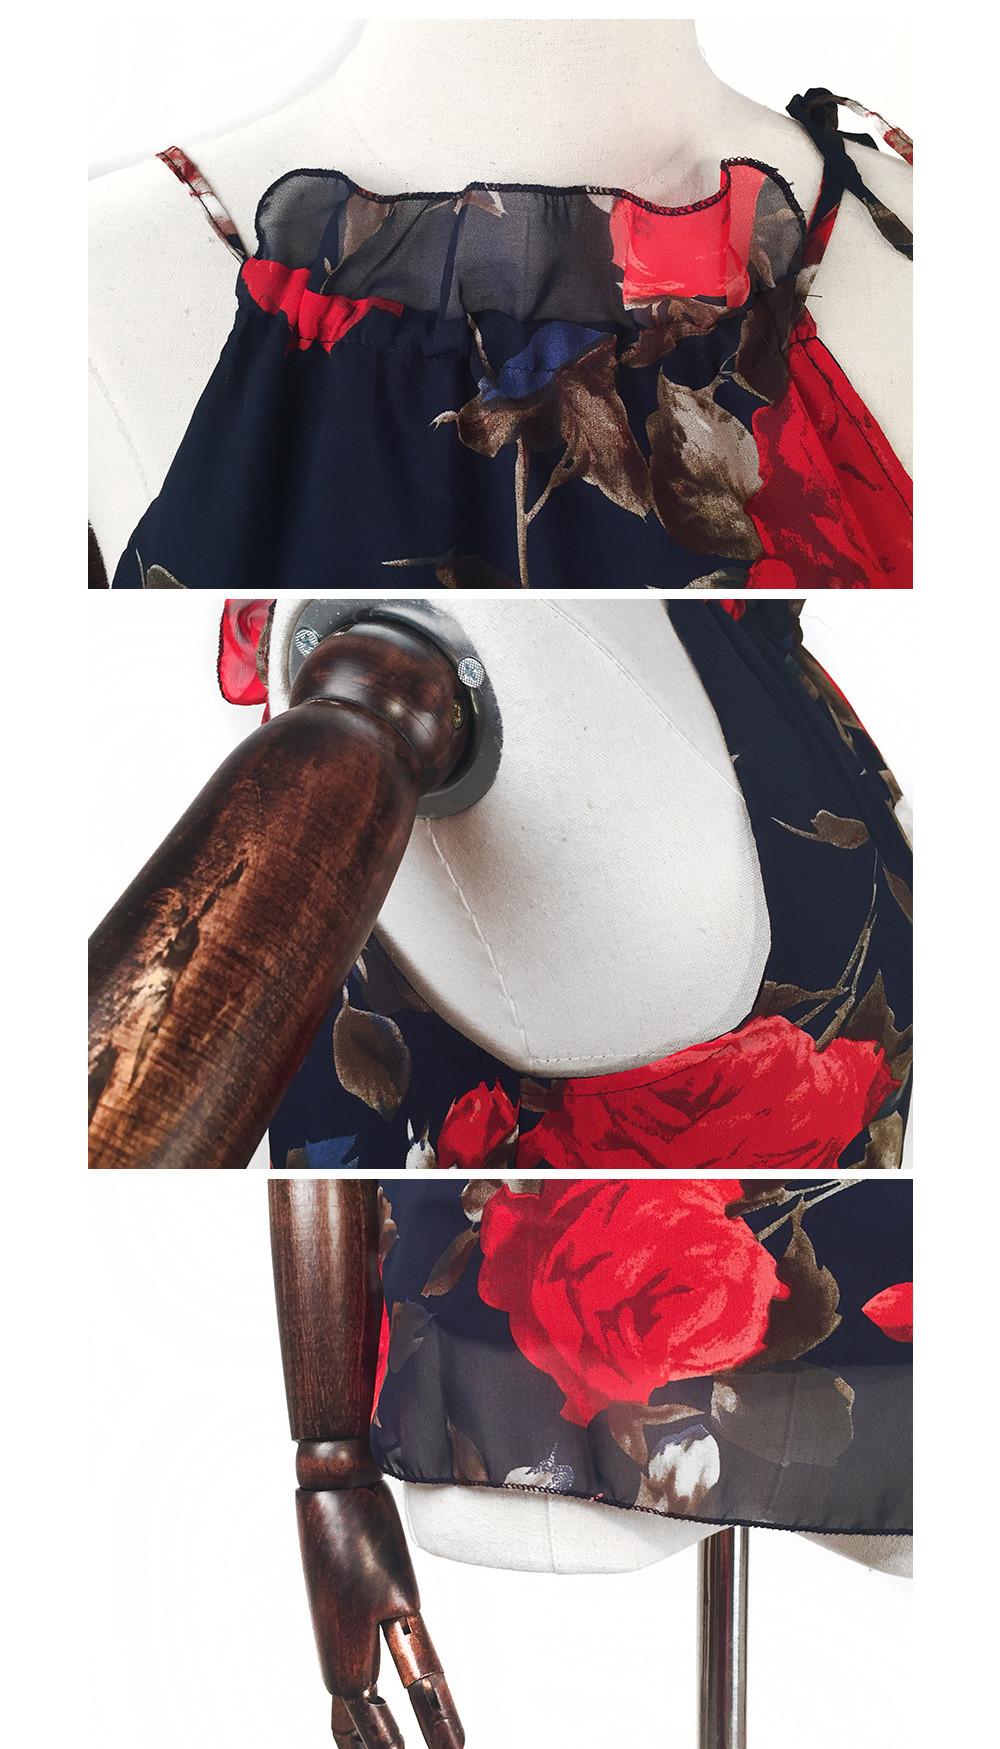 HTB1OQRFOVXXXXc4aXXXq6xXFXXXb - New Fashion Women Sleeveless Chiffon Floral Print Blouses Tops Shirt